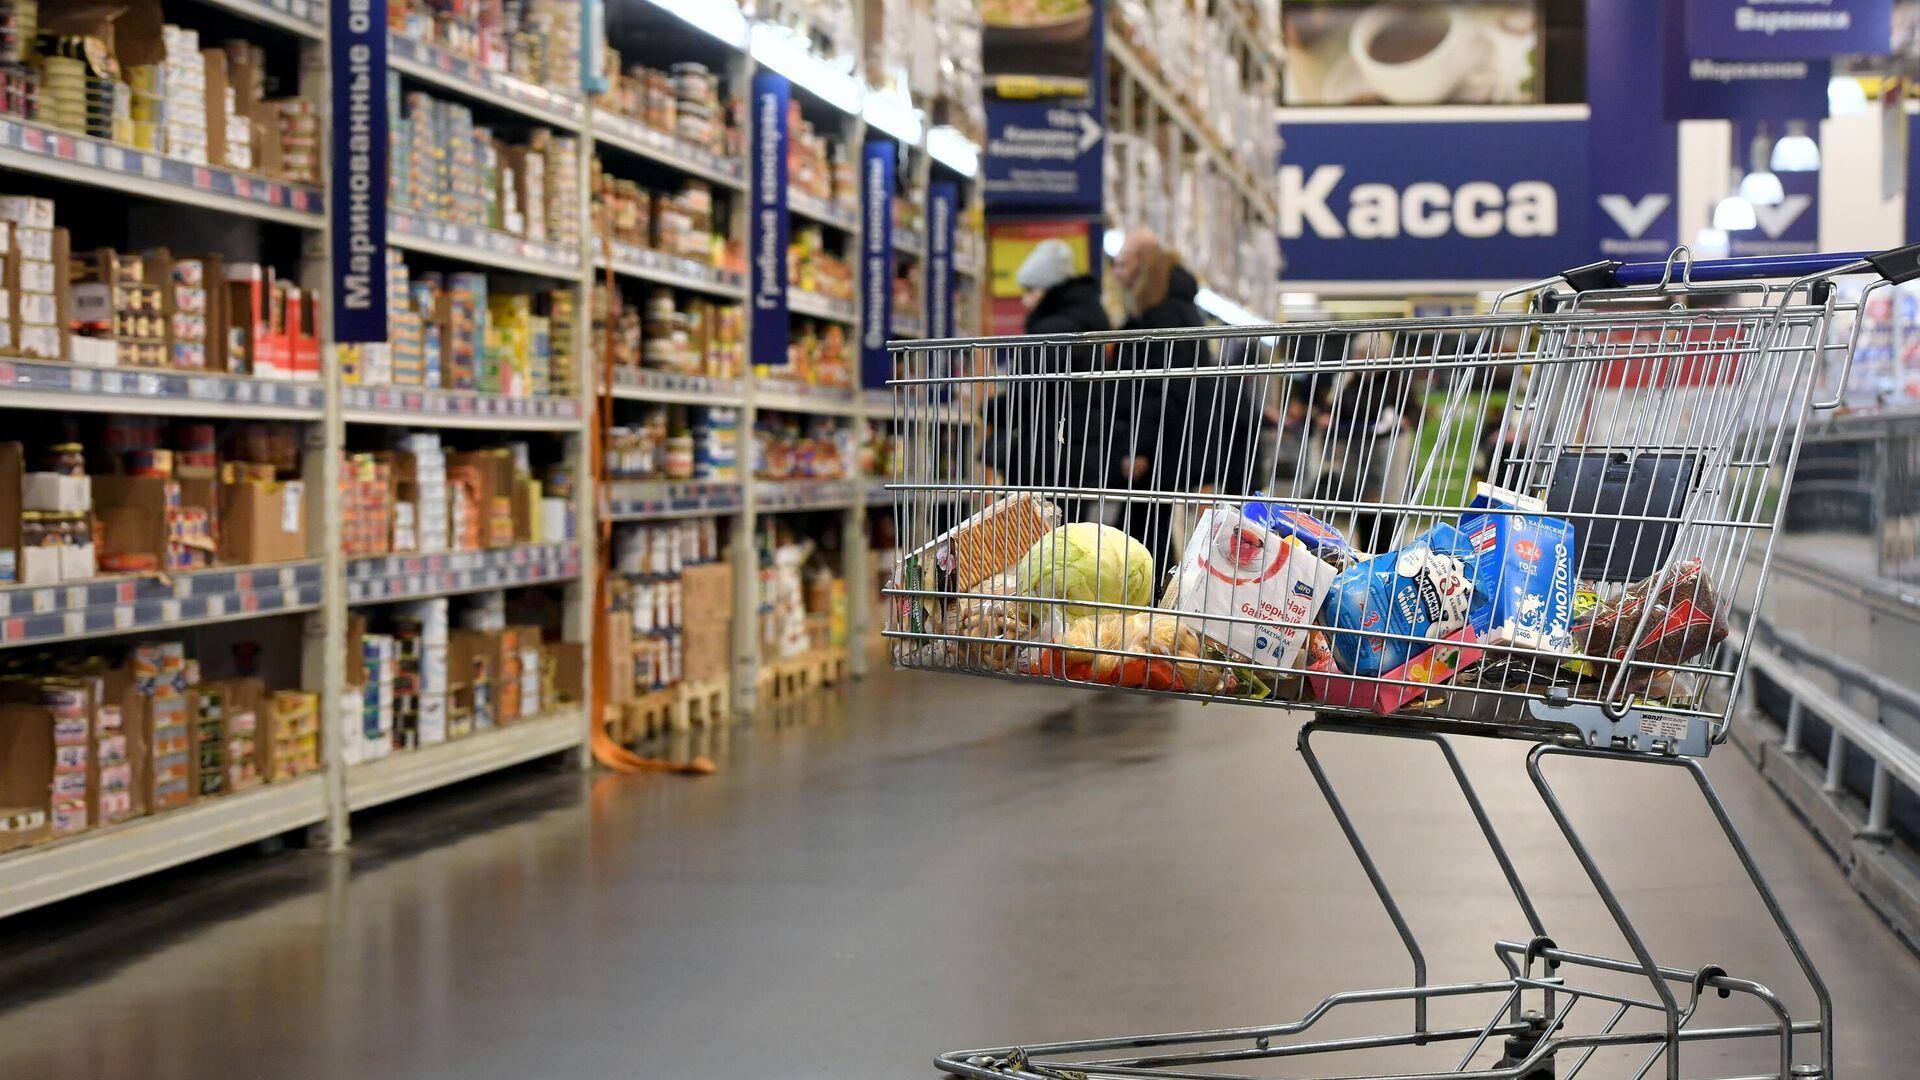 Тележка с продуктами в супермаркете - РИА Новости, 1920, 14.12.2020